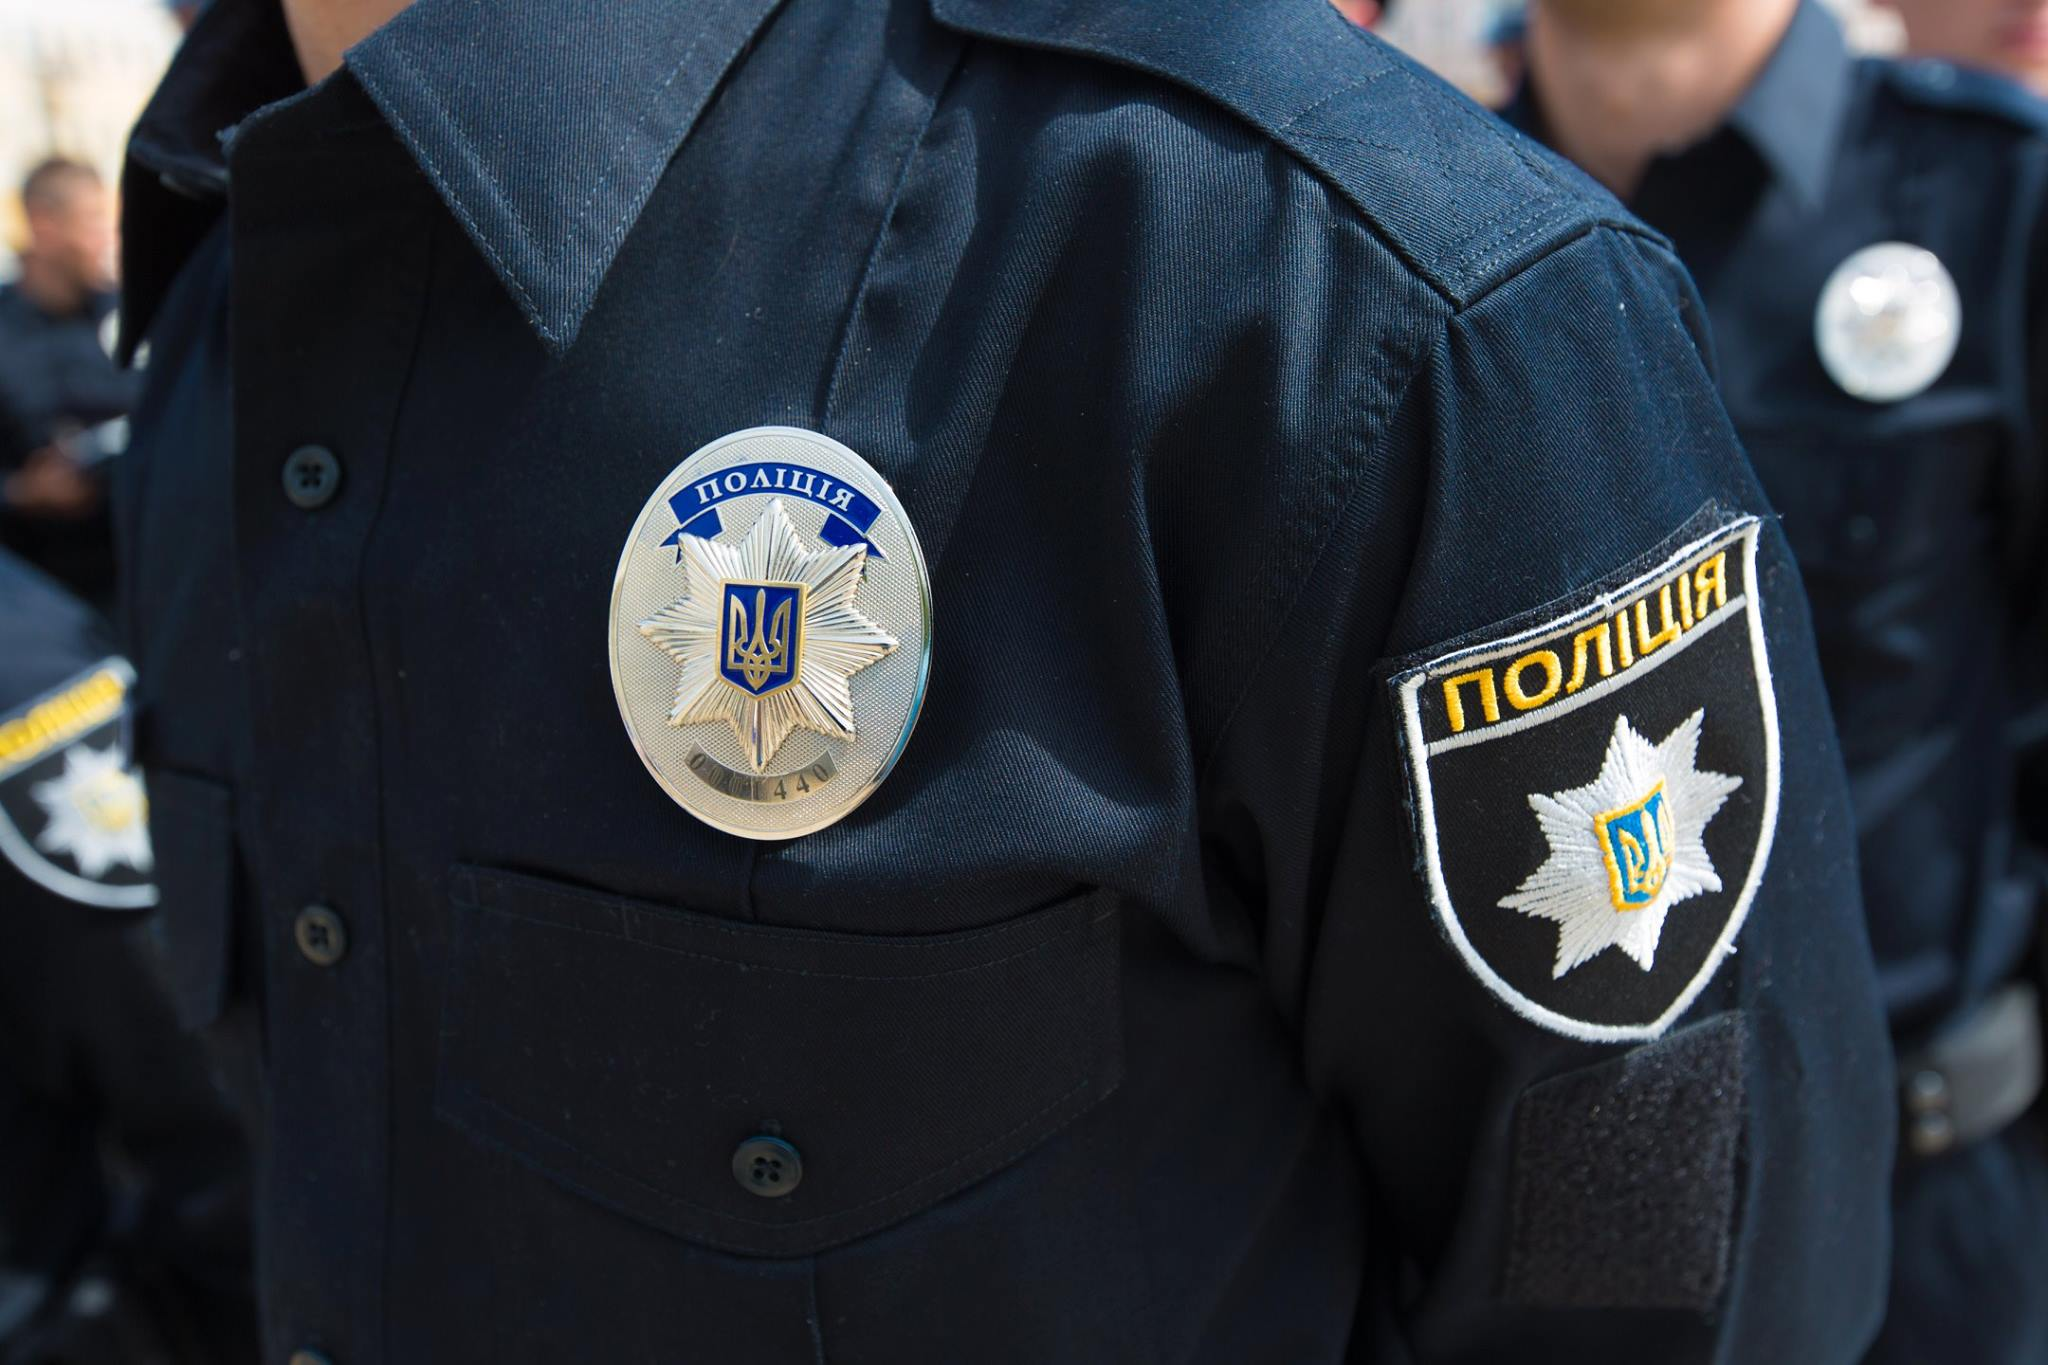 Викрадачів людей затримали по гарячих слідах: серед членів банди колишній ГРУшник